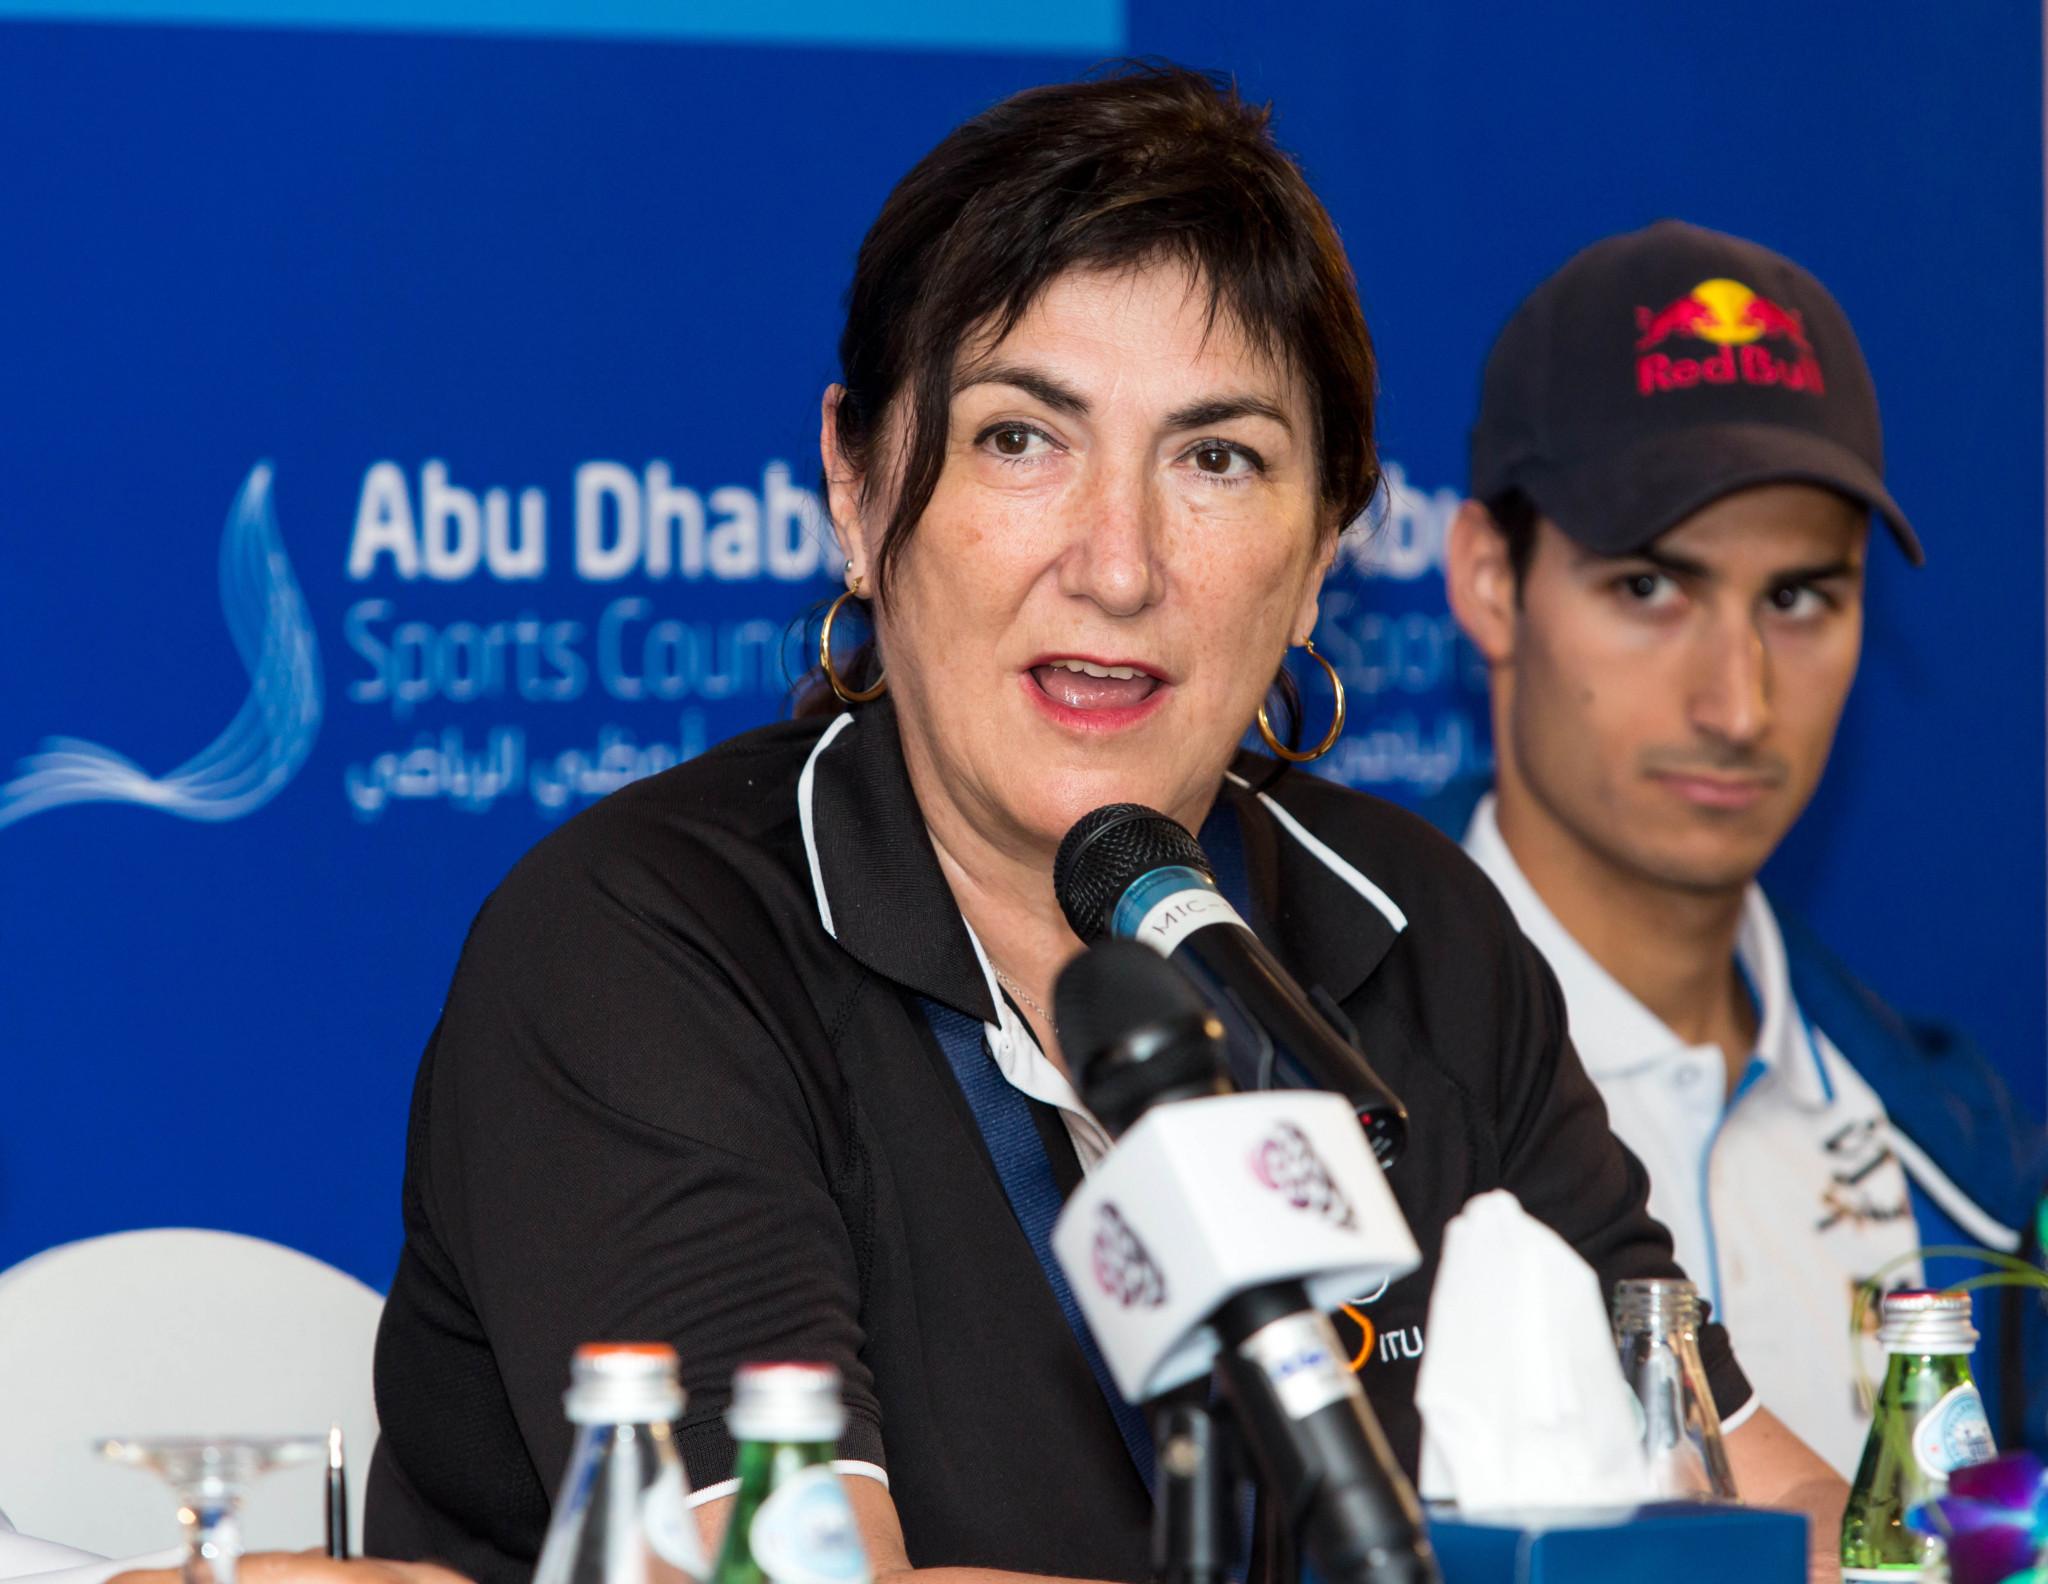 ITU President Marisol Casado described the programme as an